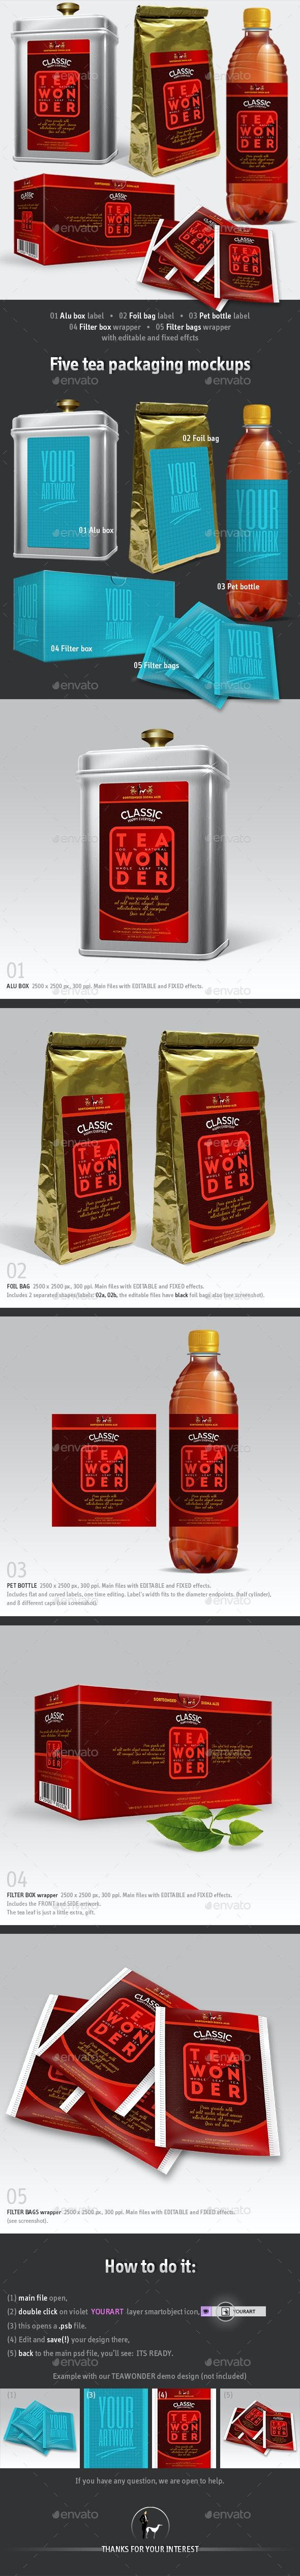 5 Tea Packaging Mockups - Packaging Product Mock-Ups